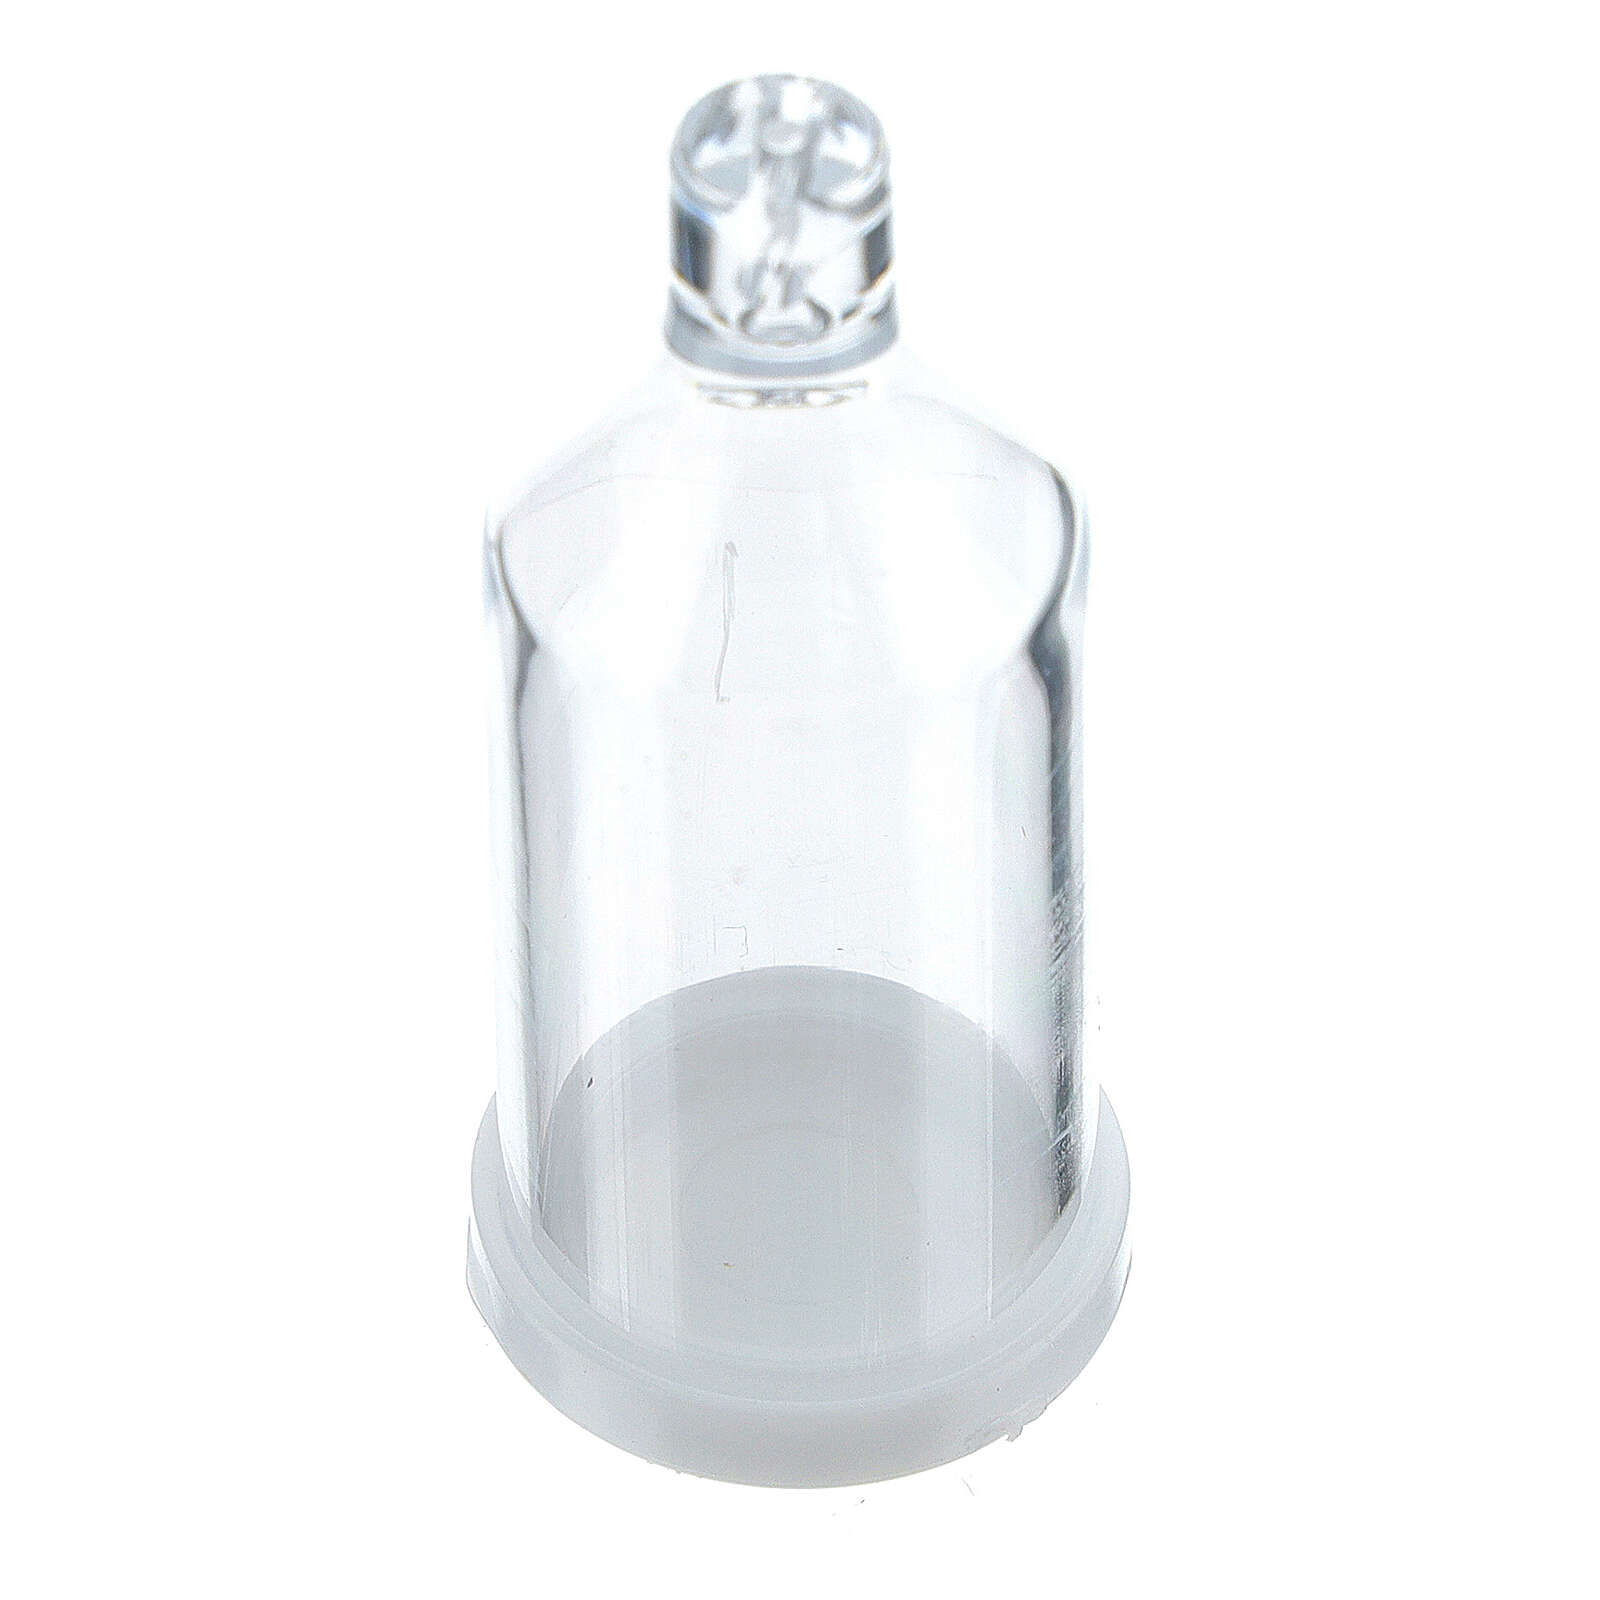 Bottiglietta con fiocco portarosario grani 3 mm 4